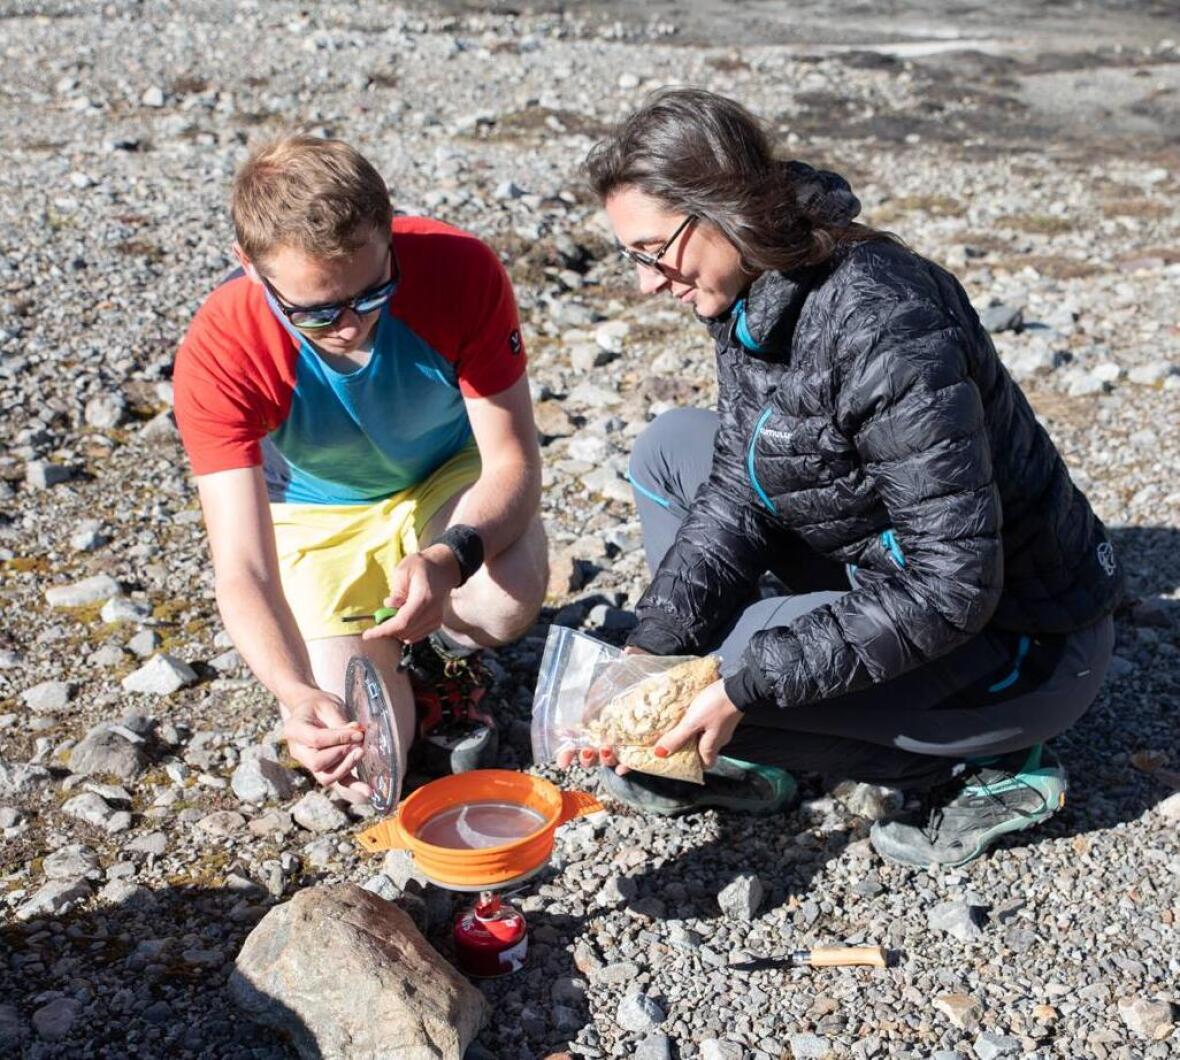 préparation recette camping